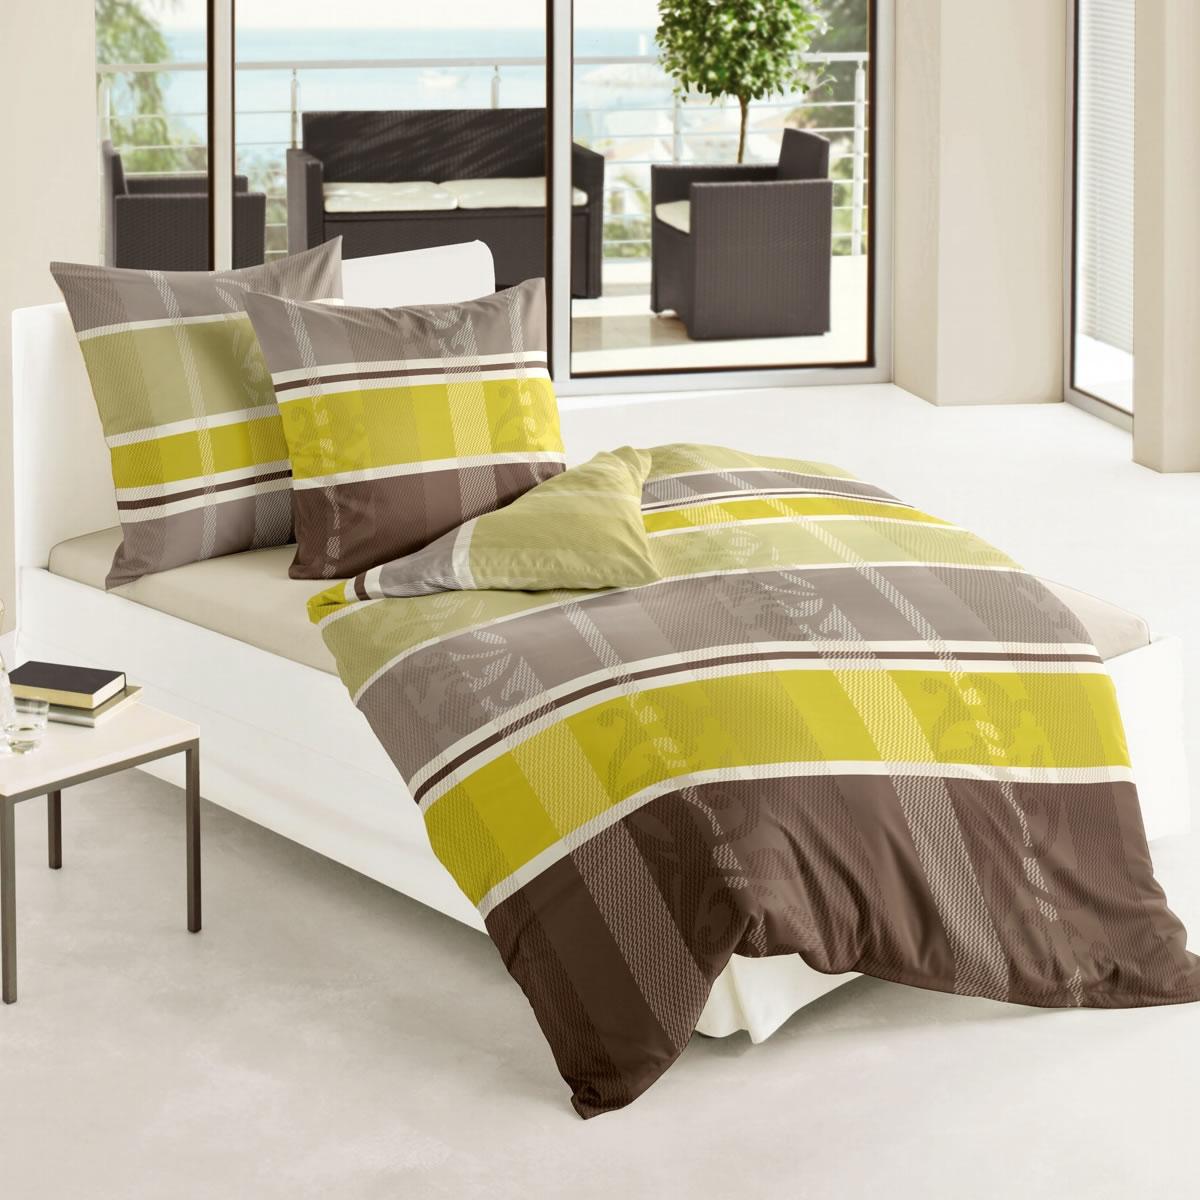 Bierbaum Biber Bettwäsche 200x200 Cm Design 64917 Limone Gestreift